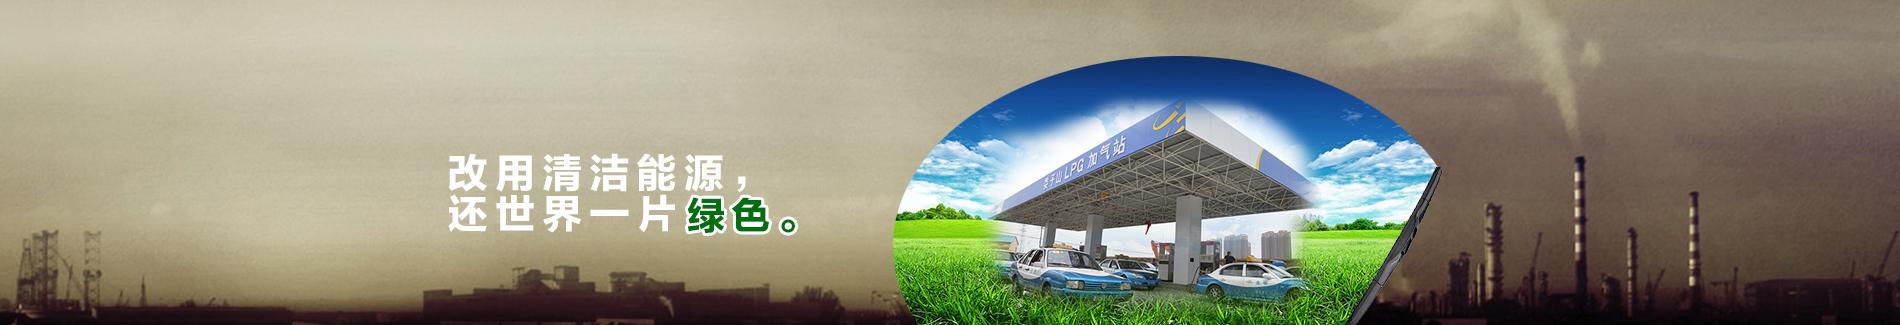 清洁能源解决方案提供者